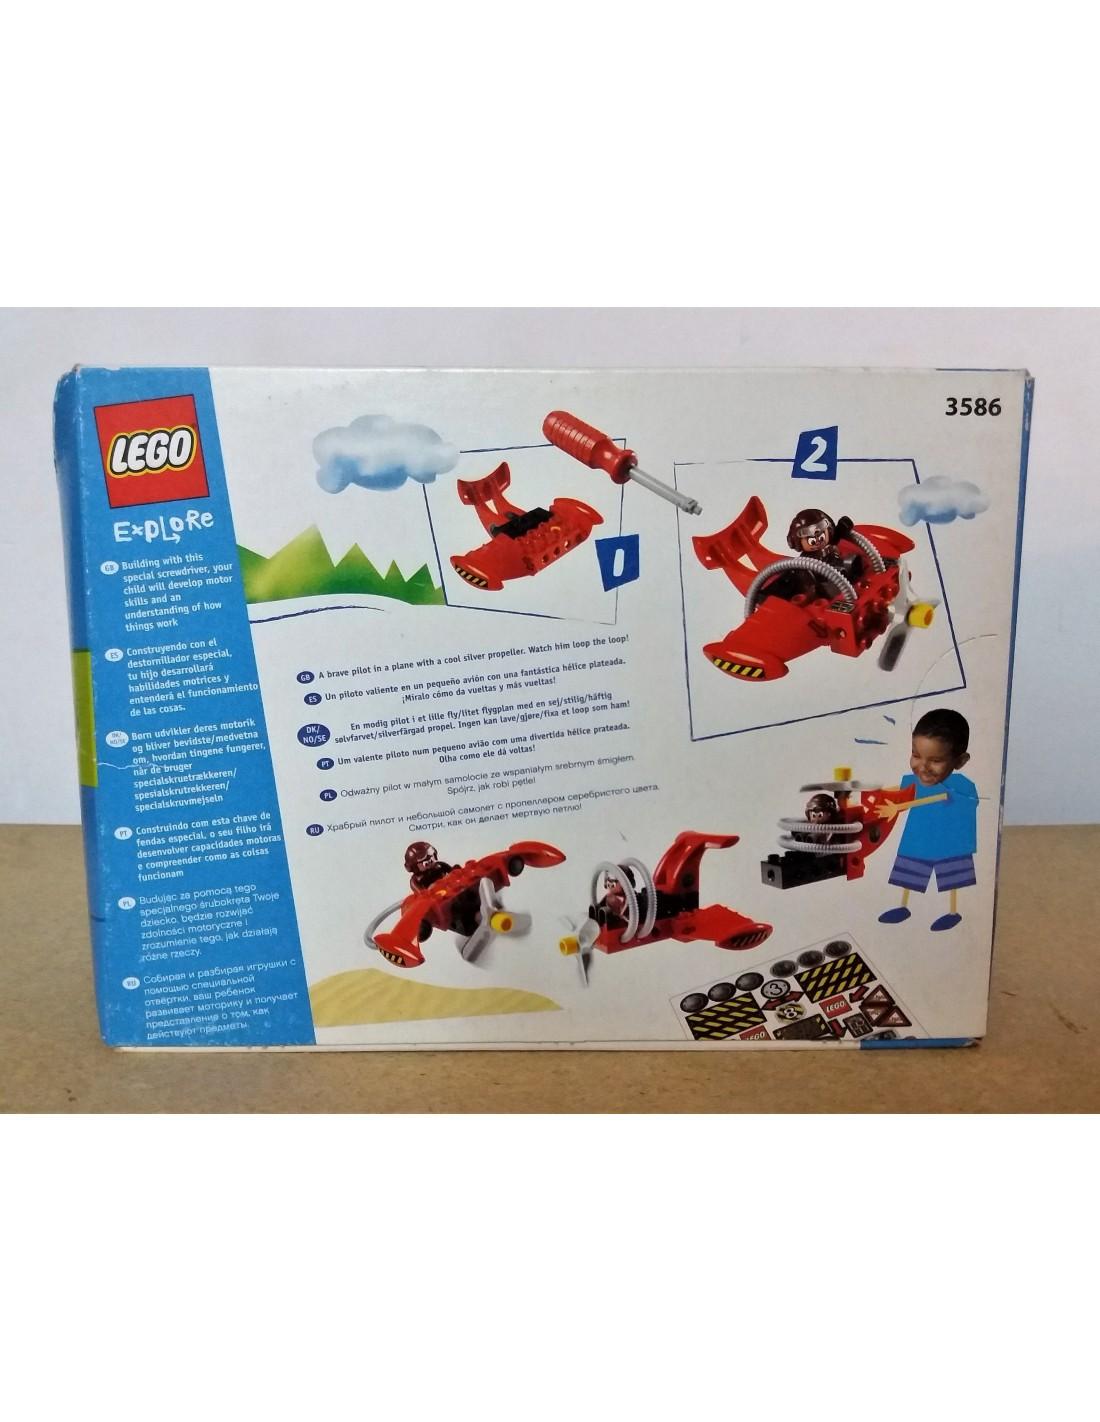 Ca La Stunt 3586 DuploComprar Madrona En Plane Lego Explore nPXkN0O8w